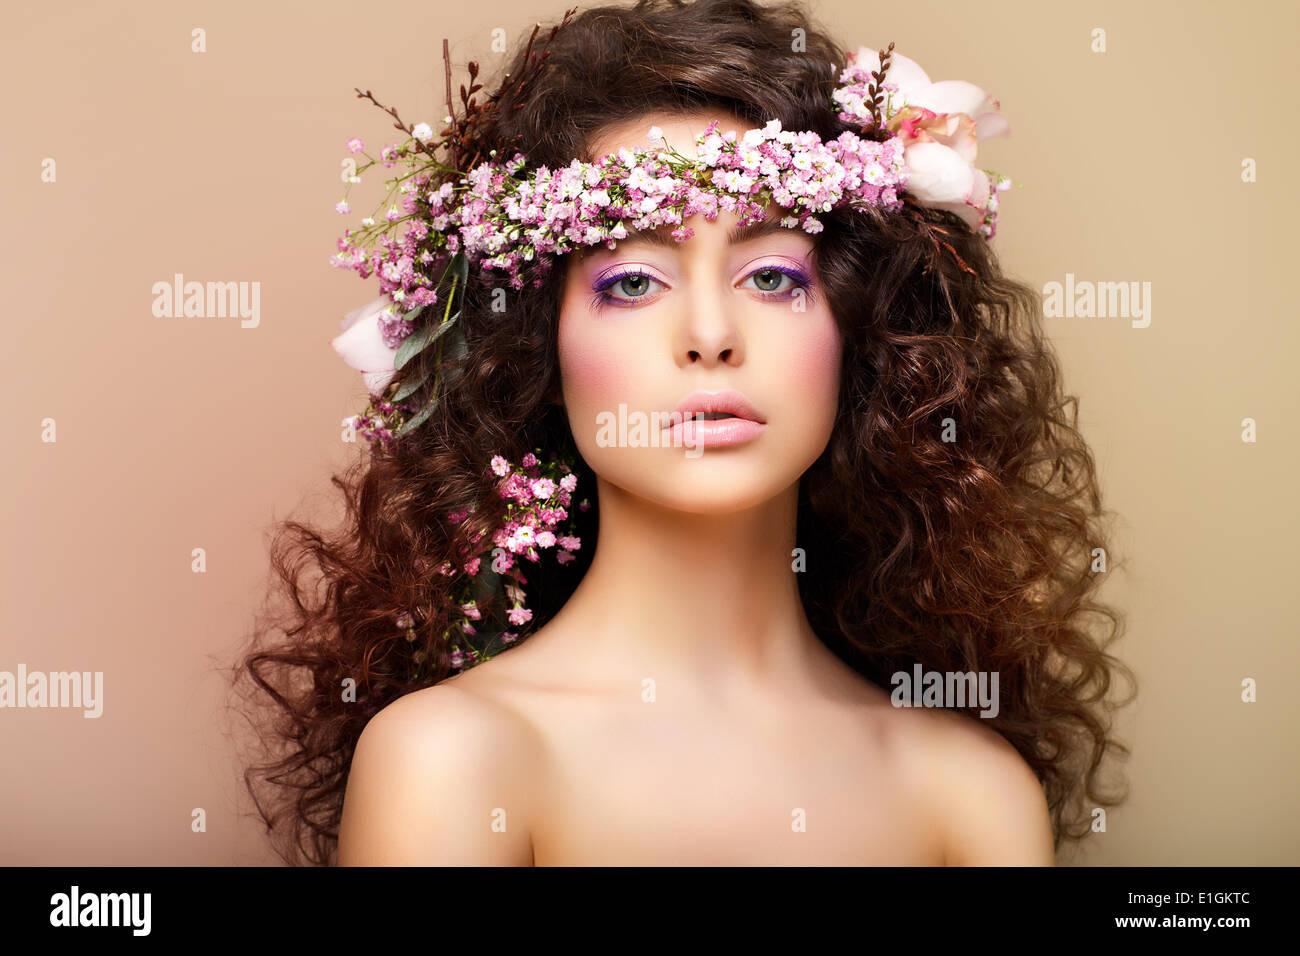 La pureté. La fraîcheur. La virginité. Belle charmante femme avec les cheveux crépus Photo Stock